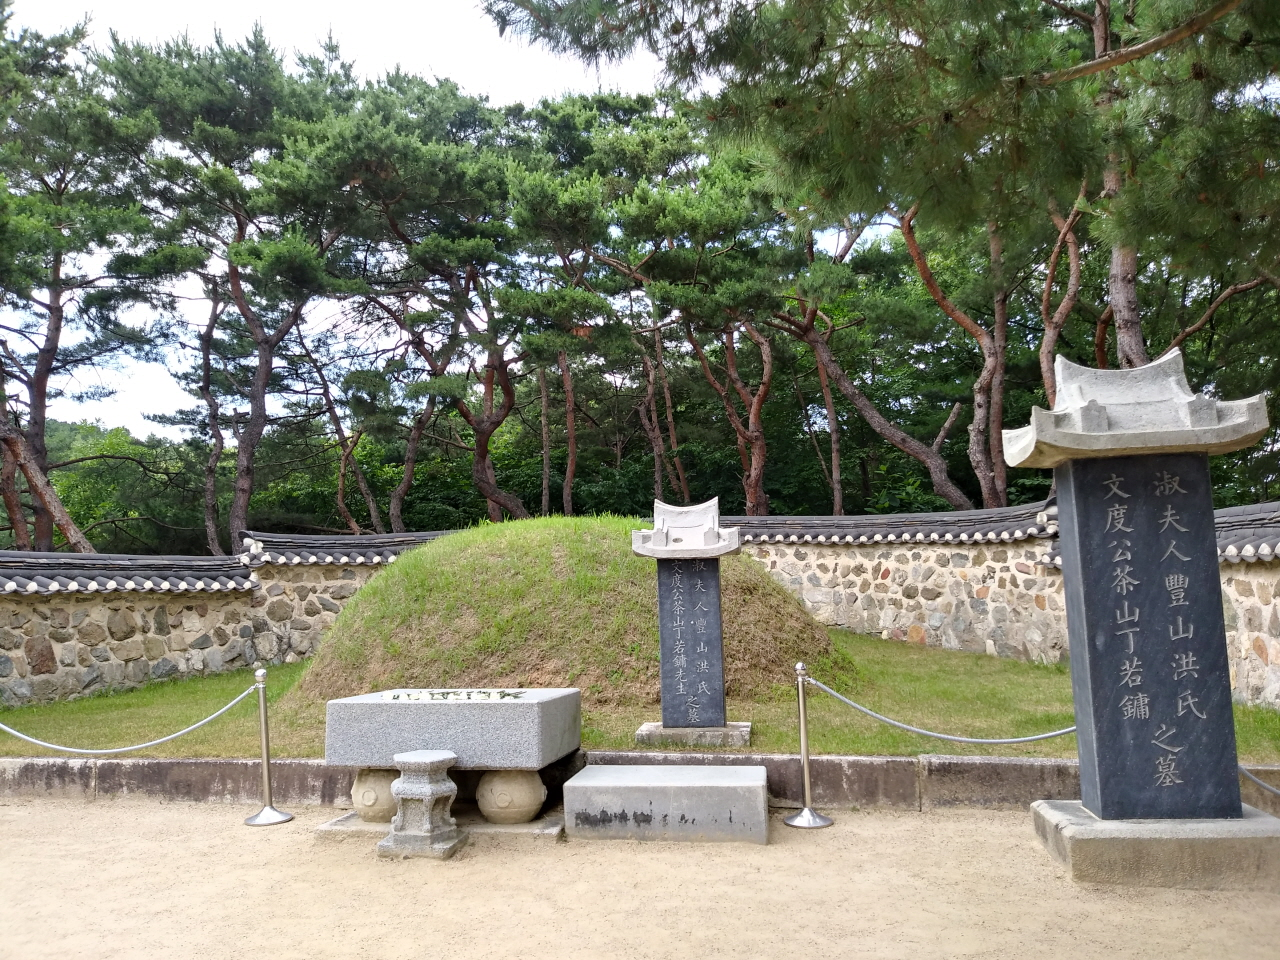 다산의 묘소 정약용과 홍씨 부인의 합장묘